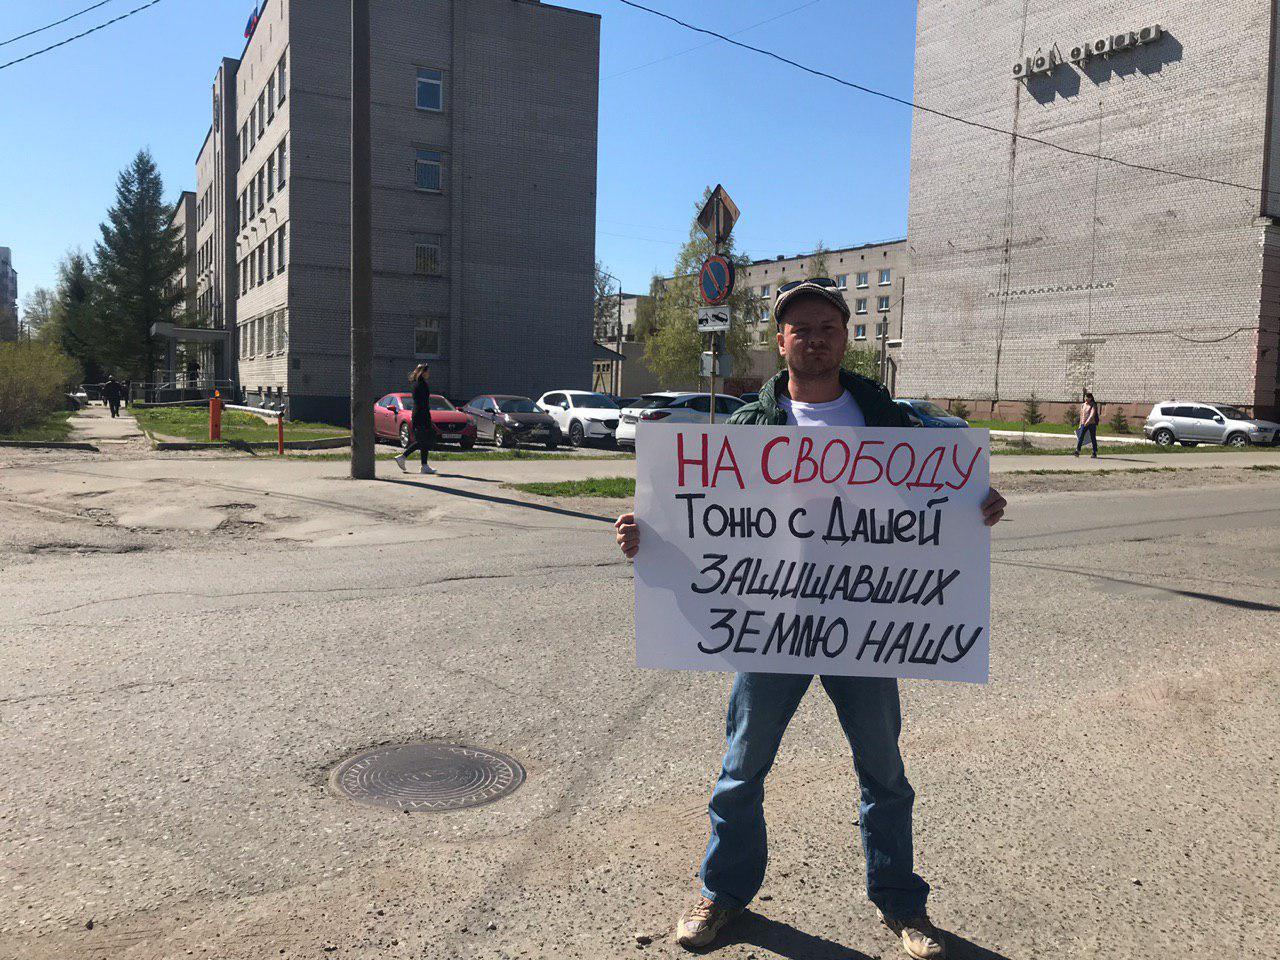 Активист Алексей Ганичев, ранее тоже оштрафованный за 7 апреля, встал в одиночный пикет перед зданием суда